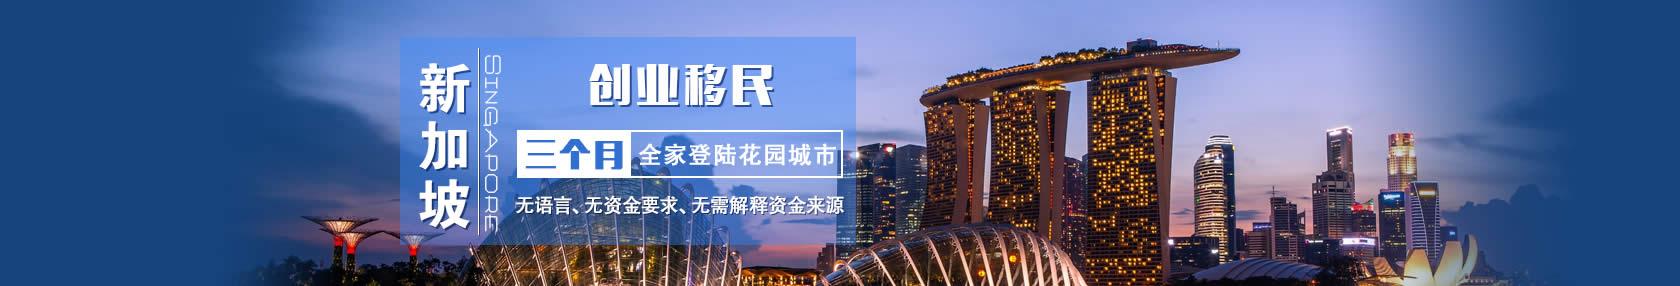 【环球移民】新加坡创业移民:申请条件简单无语言和资金要求无需解释资金来源,三个月即可登陆